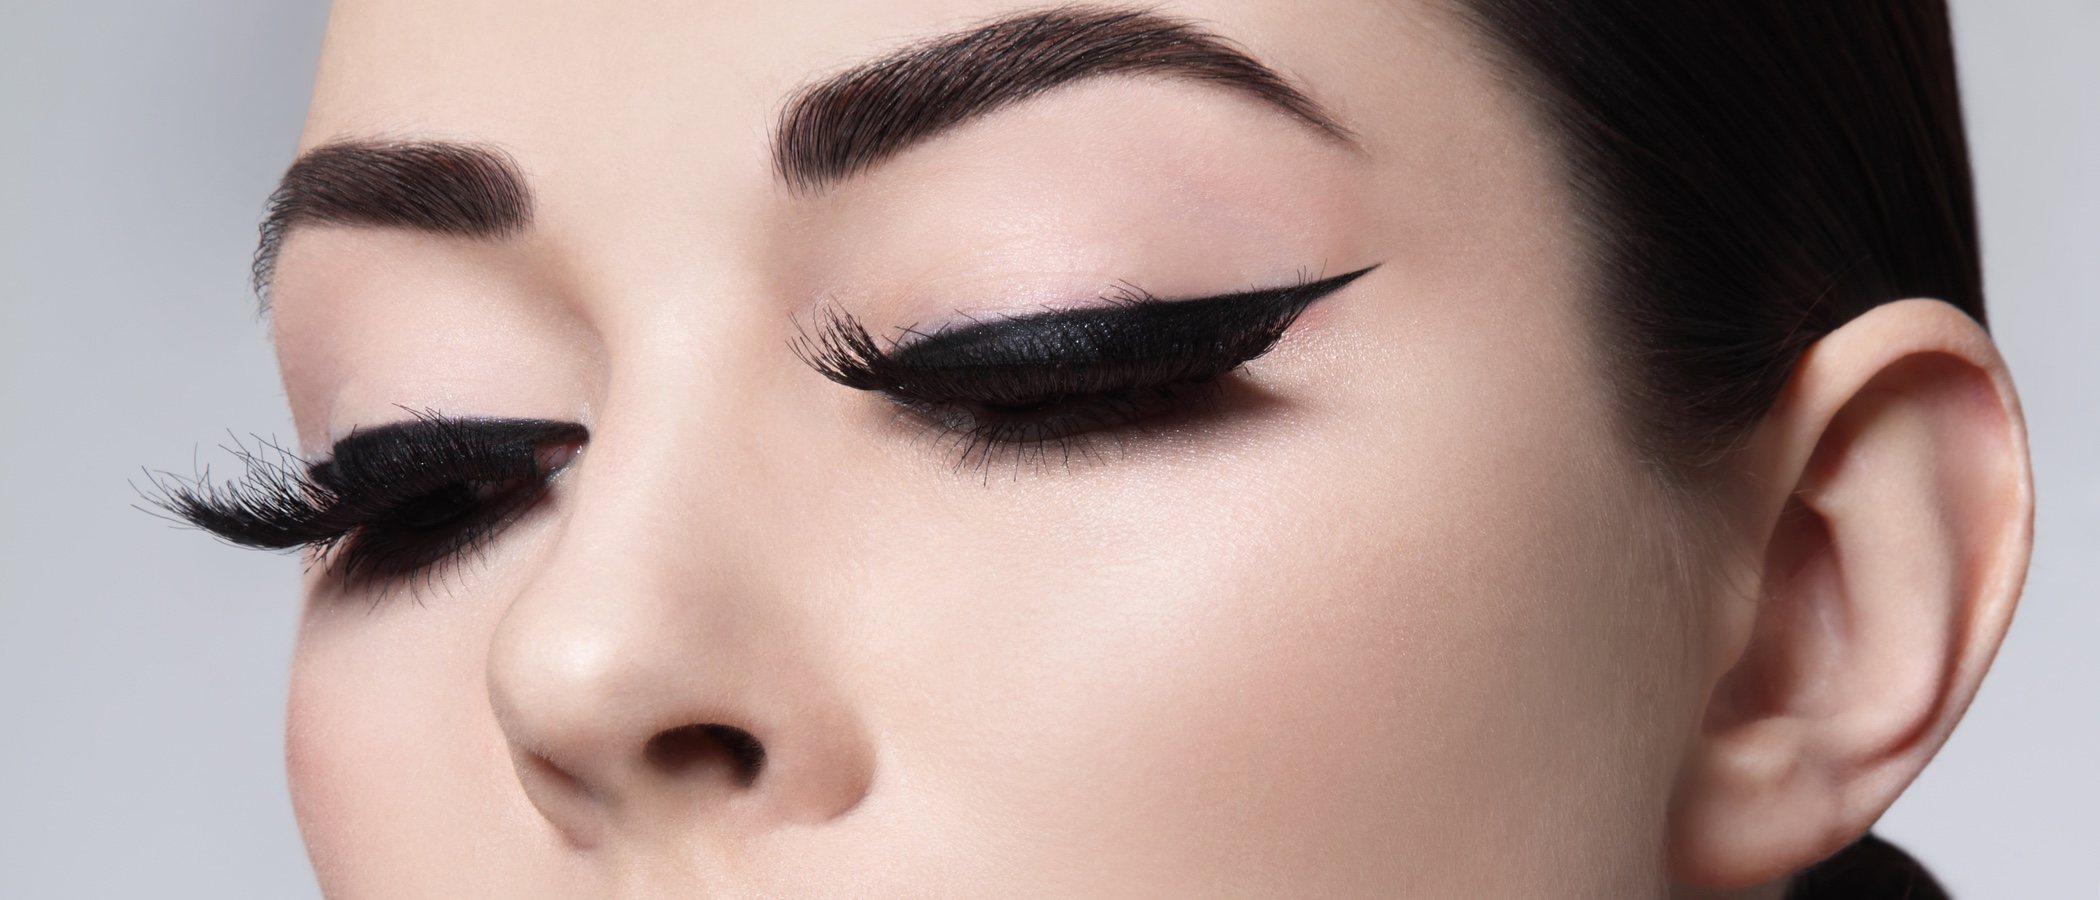 Qué eyeliner usar en función de tu color de ojos